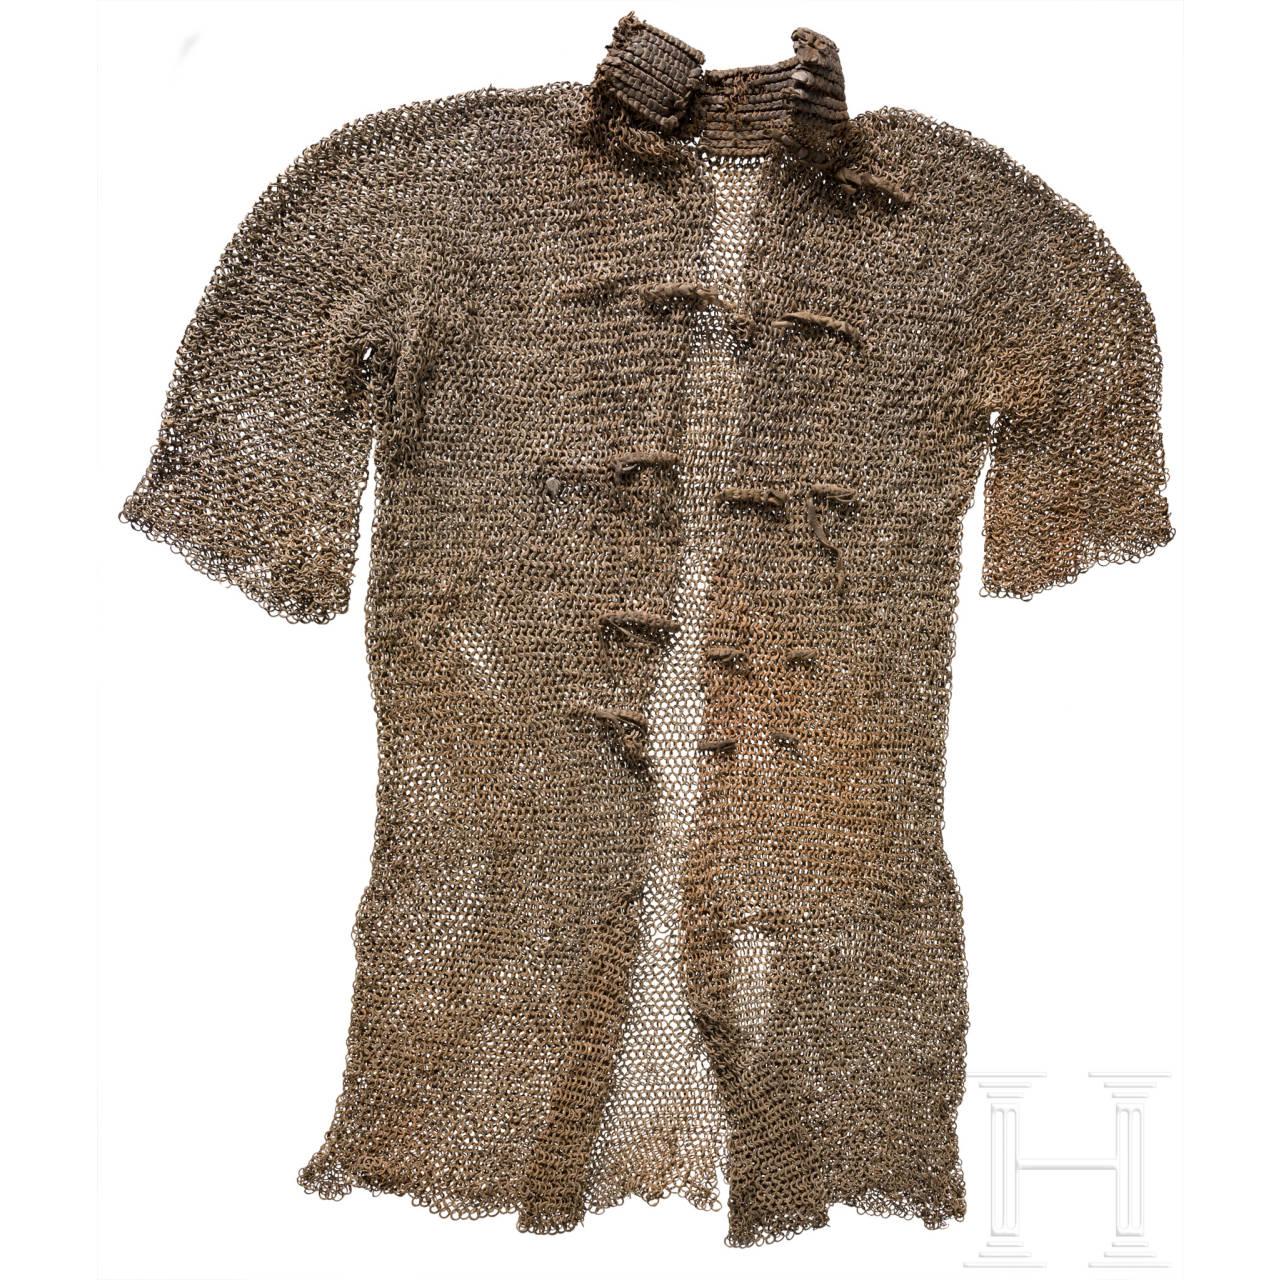 Kettenhemd, osmanisch, datiert 1599